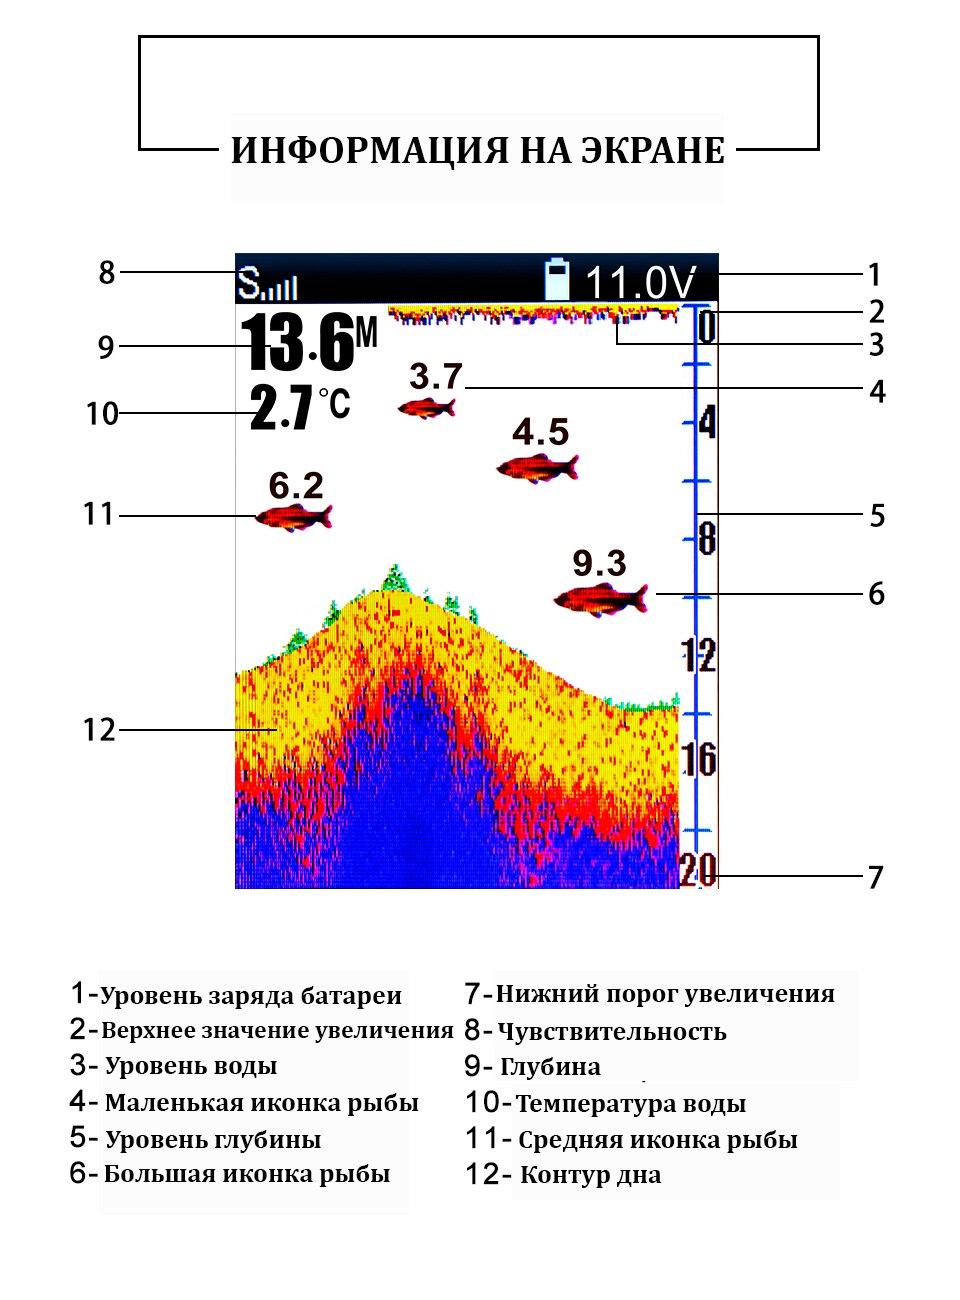 FF918-CWLS chanceux bateau poisson Finder couleur affichage sans fil plage de fonctionnement 300 m plage de profondeur 100 M - 3